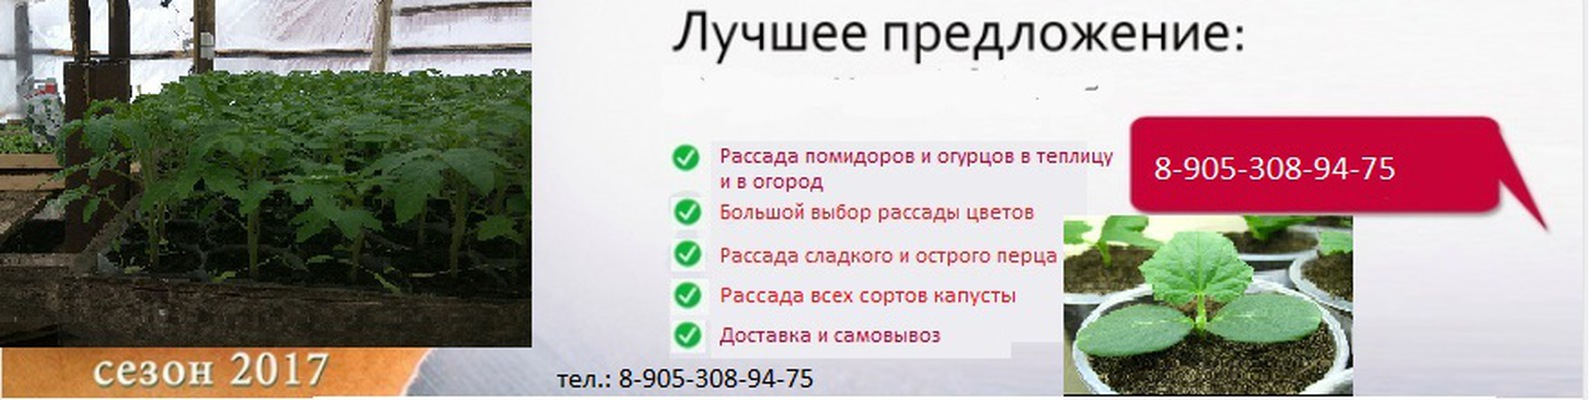 Реклама рассады цветов 47